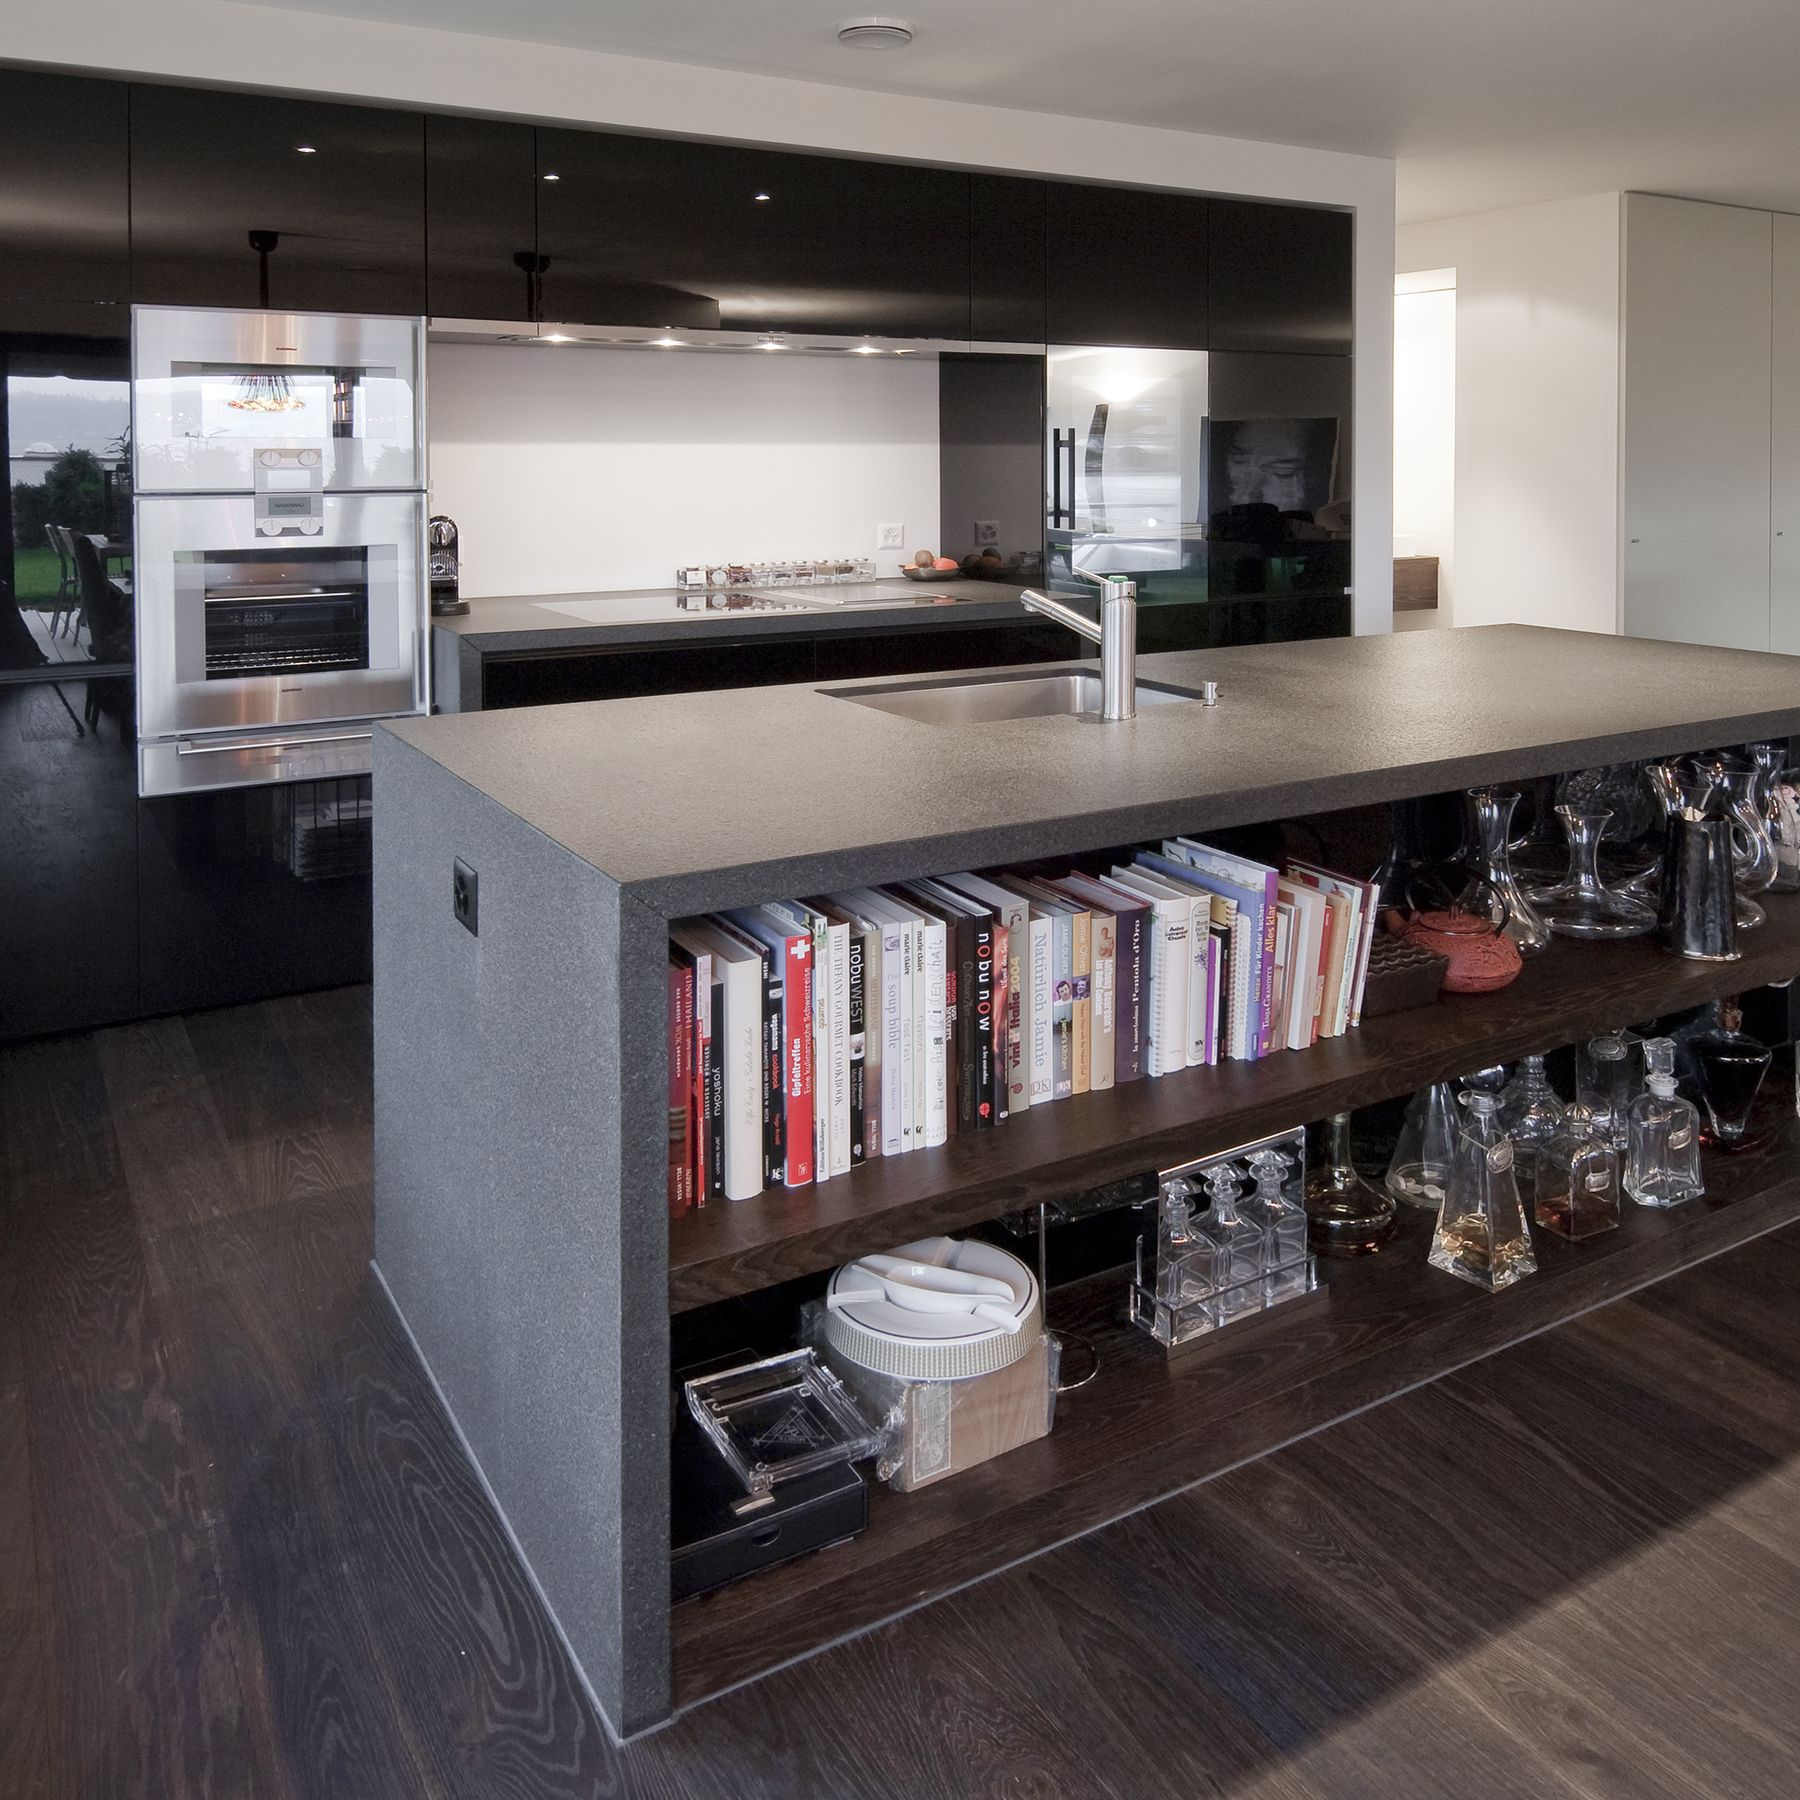 Ausgezeichnet Landartküche Entwirft Fotos Ideen - Ideen Für Die ...